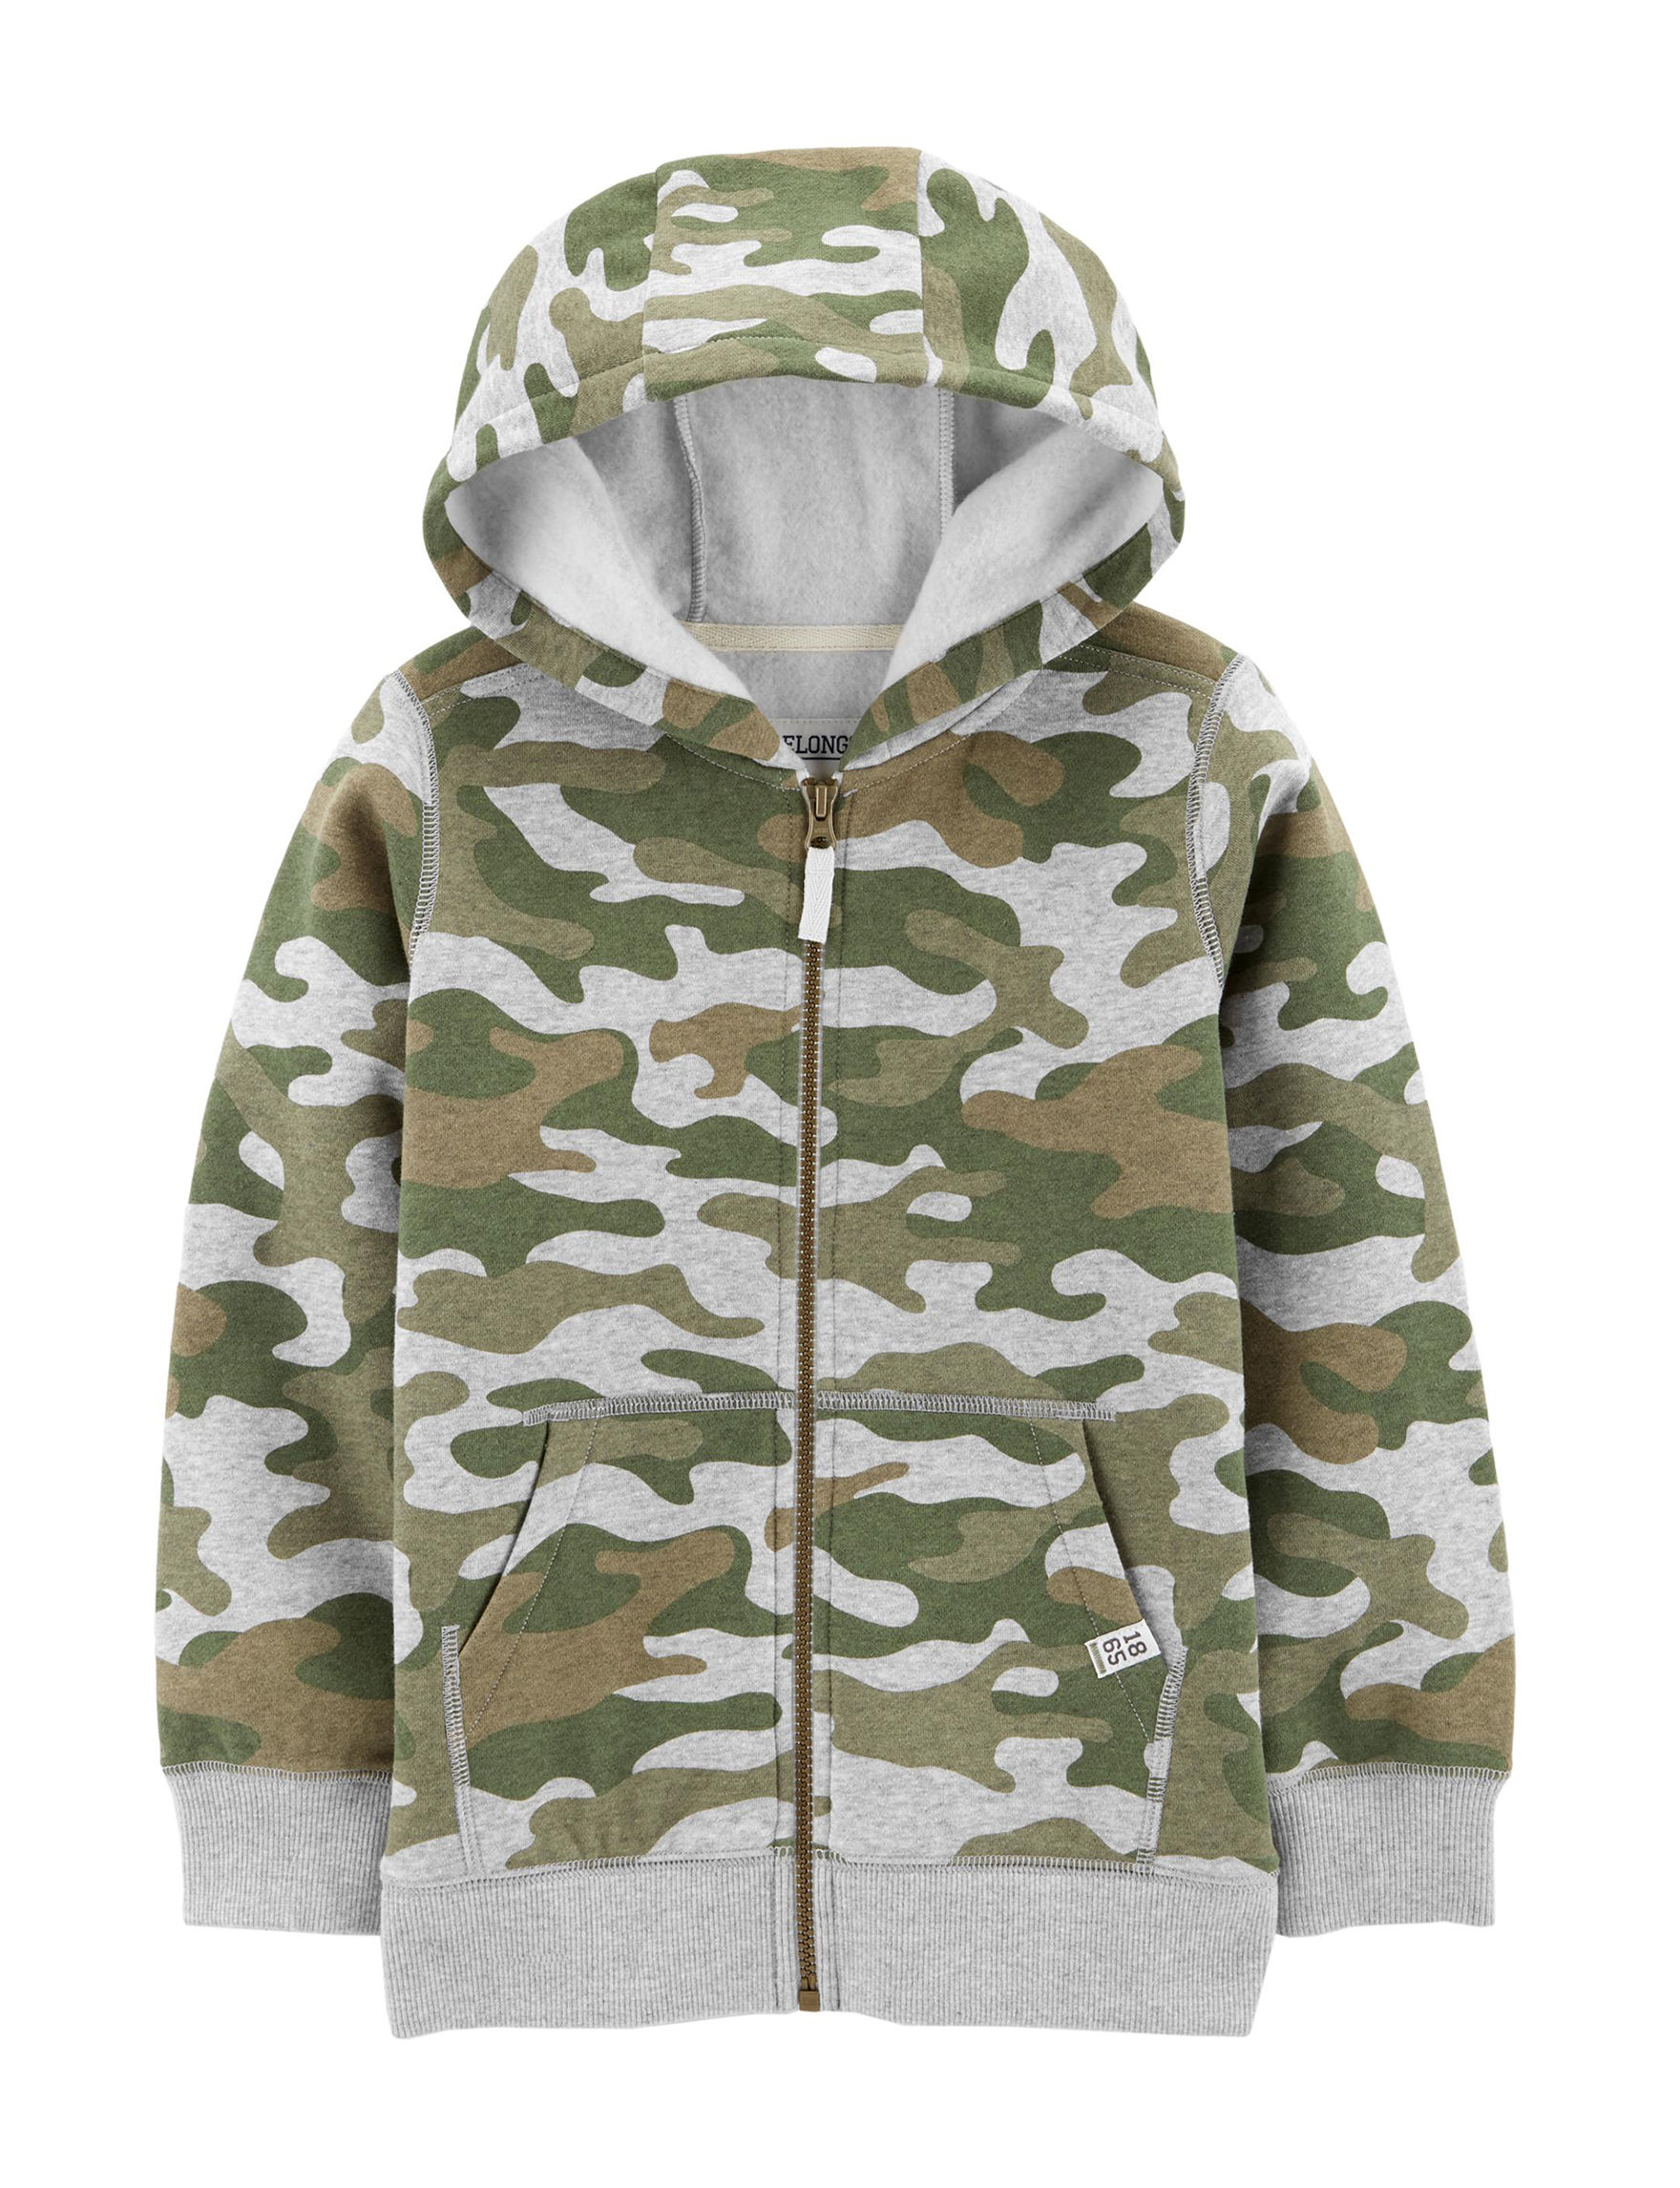 Carter's Green Camo Fleece & Soft Shell Jackets